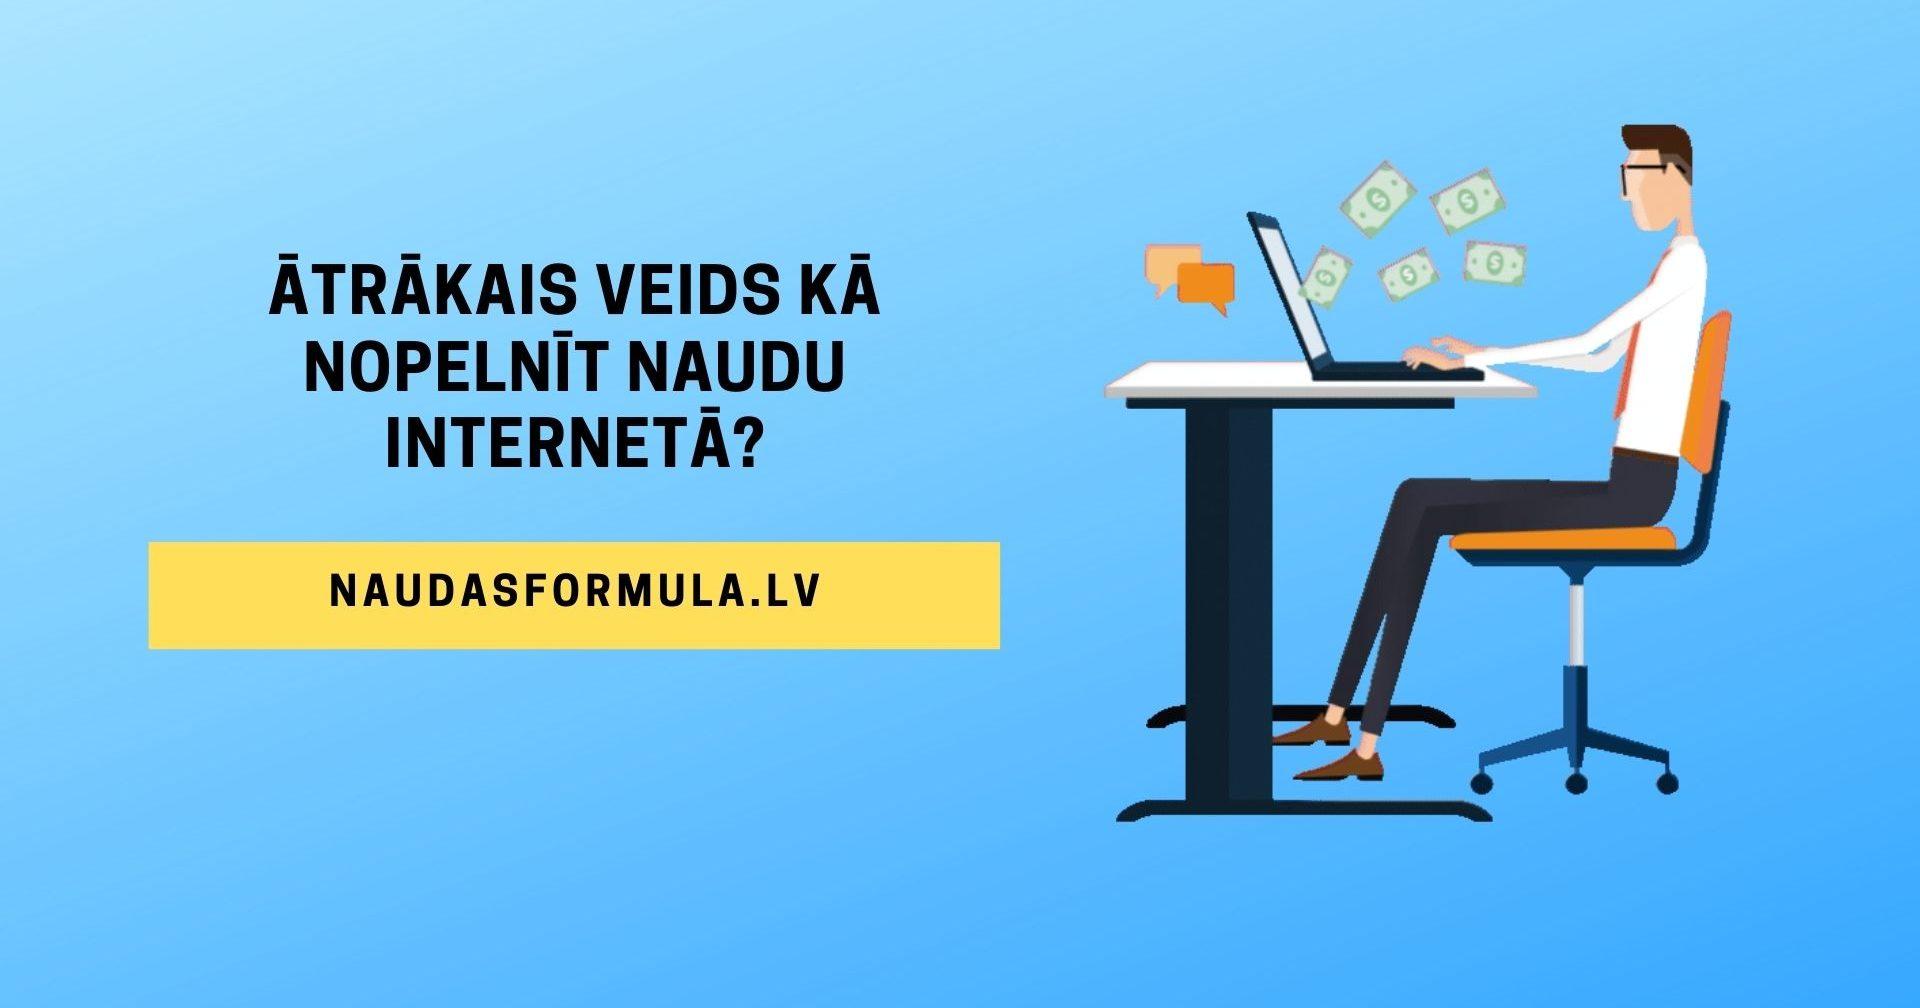 kā jūs tagad varat nopelnīt naudu internetā